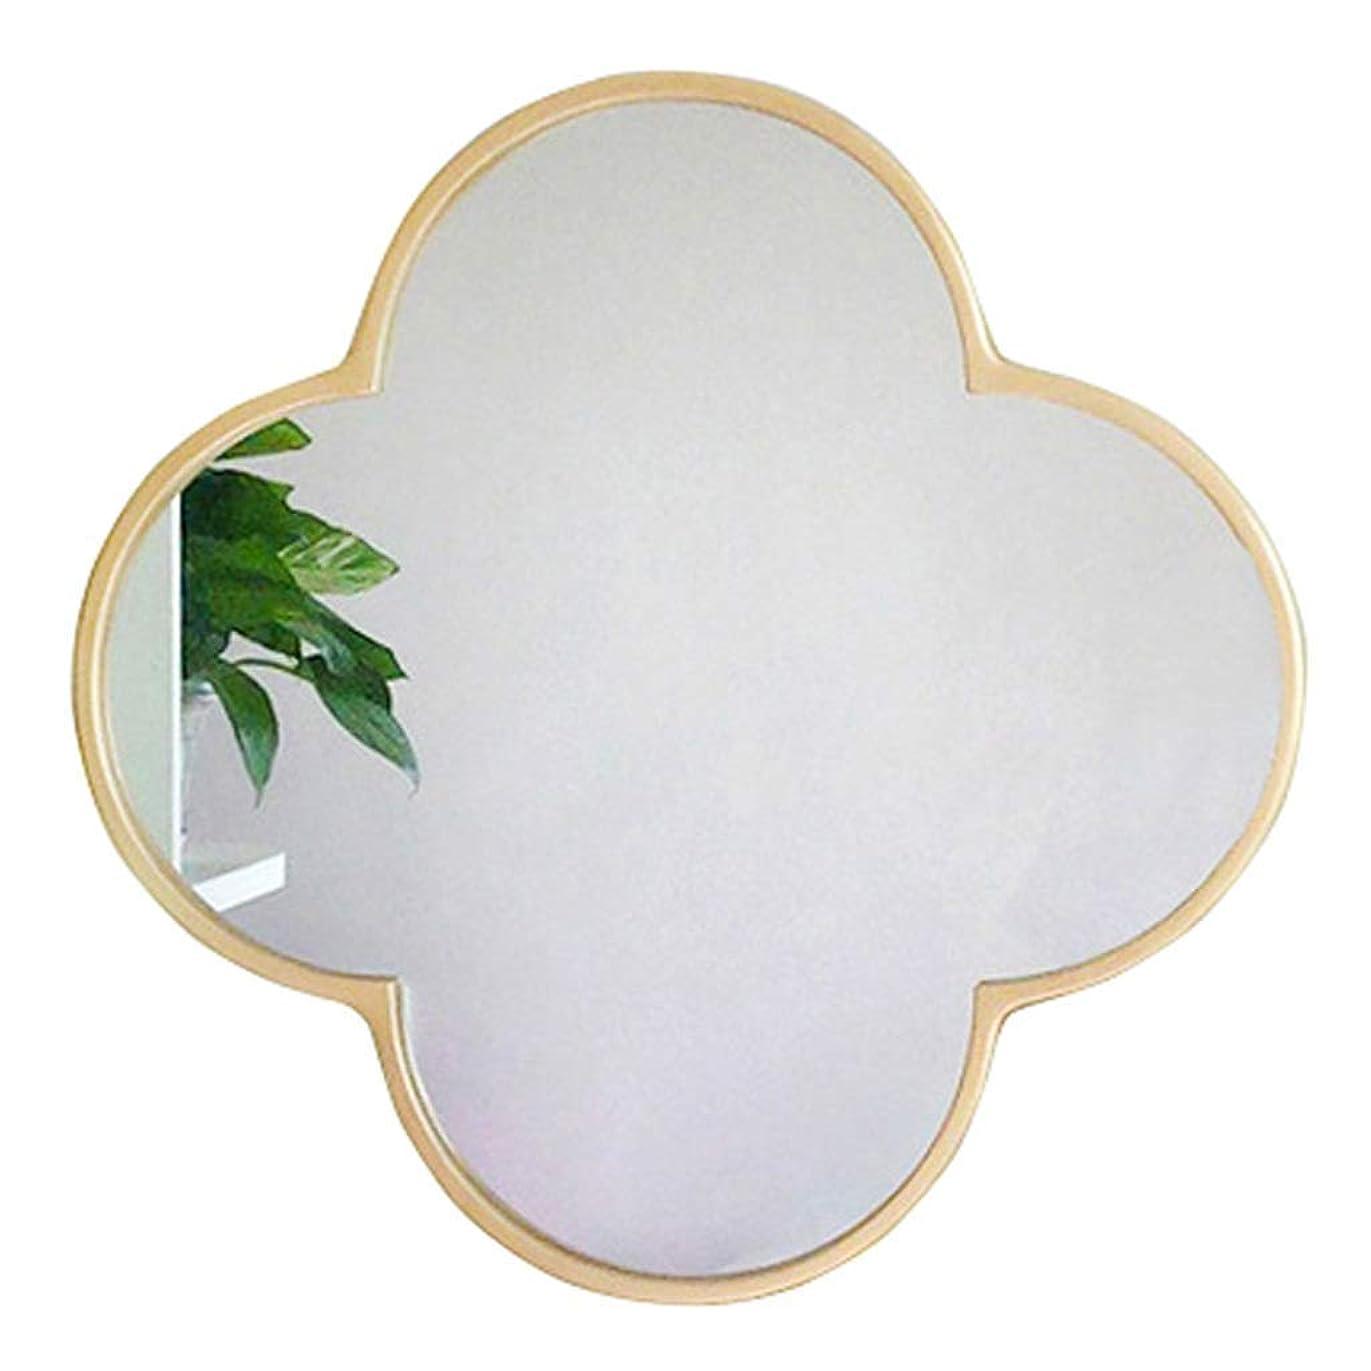 試み先疼痛現代的な壁に取り付けられたミラーメタルフレームの丸い化粧化粧鏡の壁掛けの女の子の寝室の装飾-花のパターン